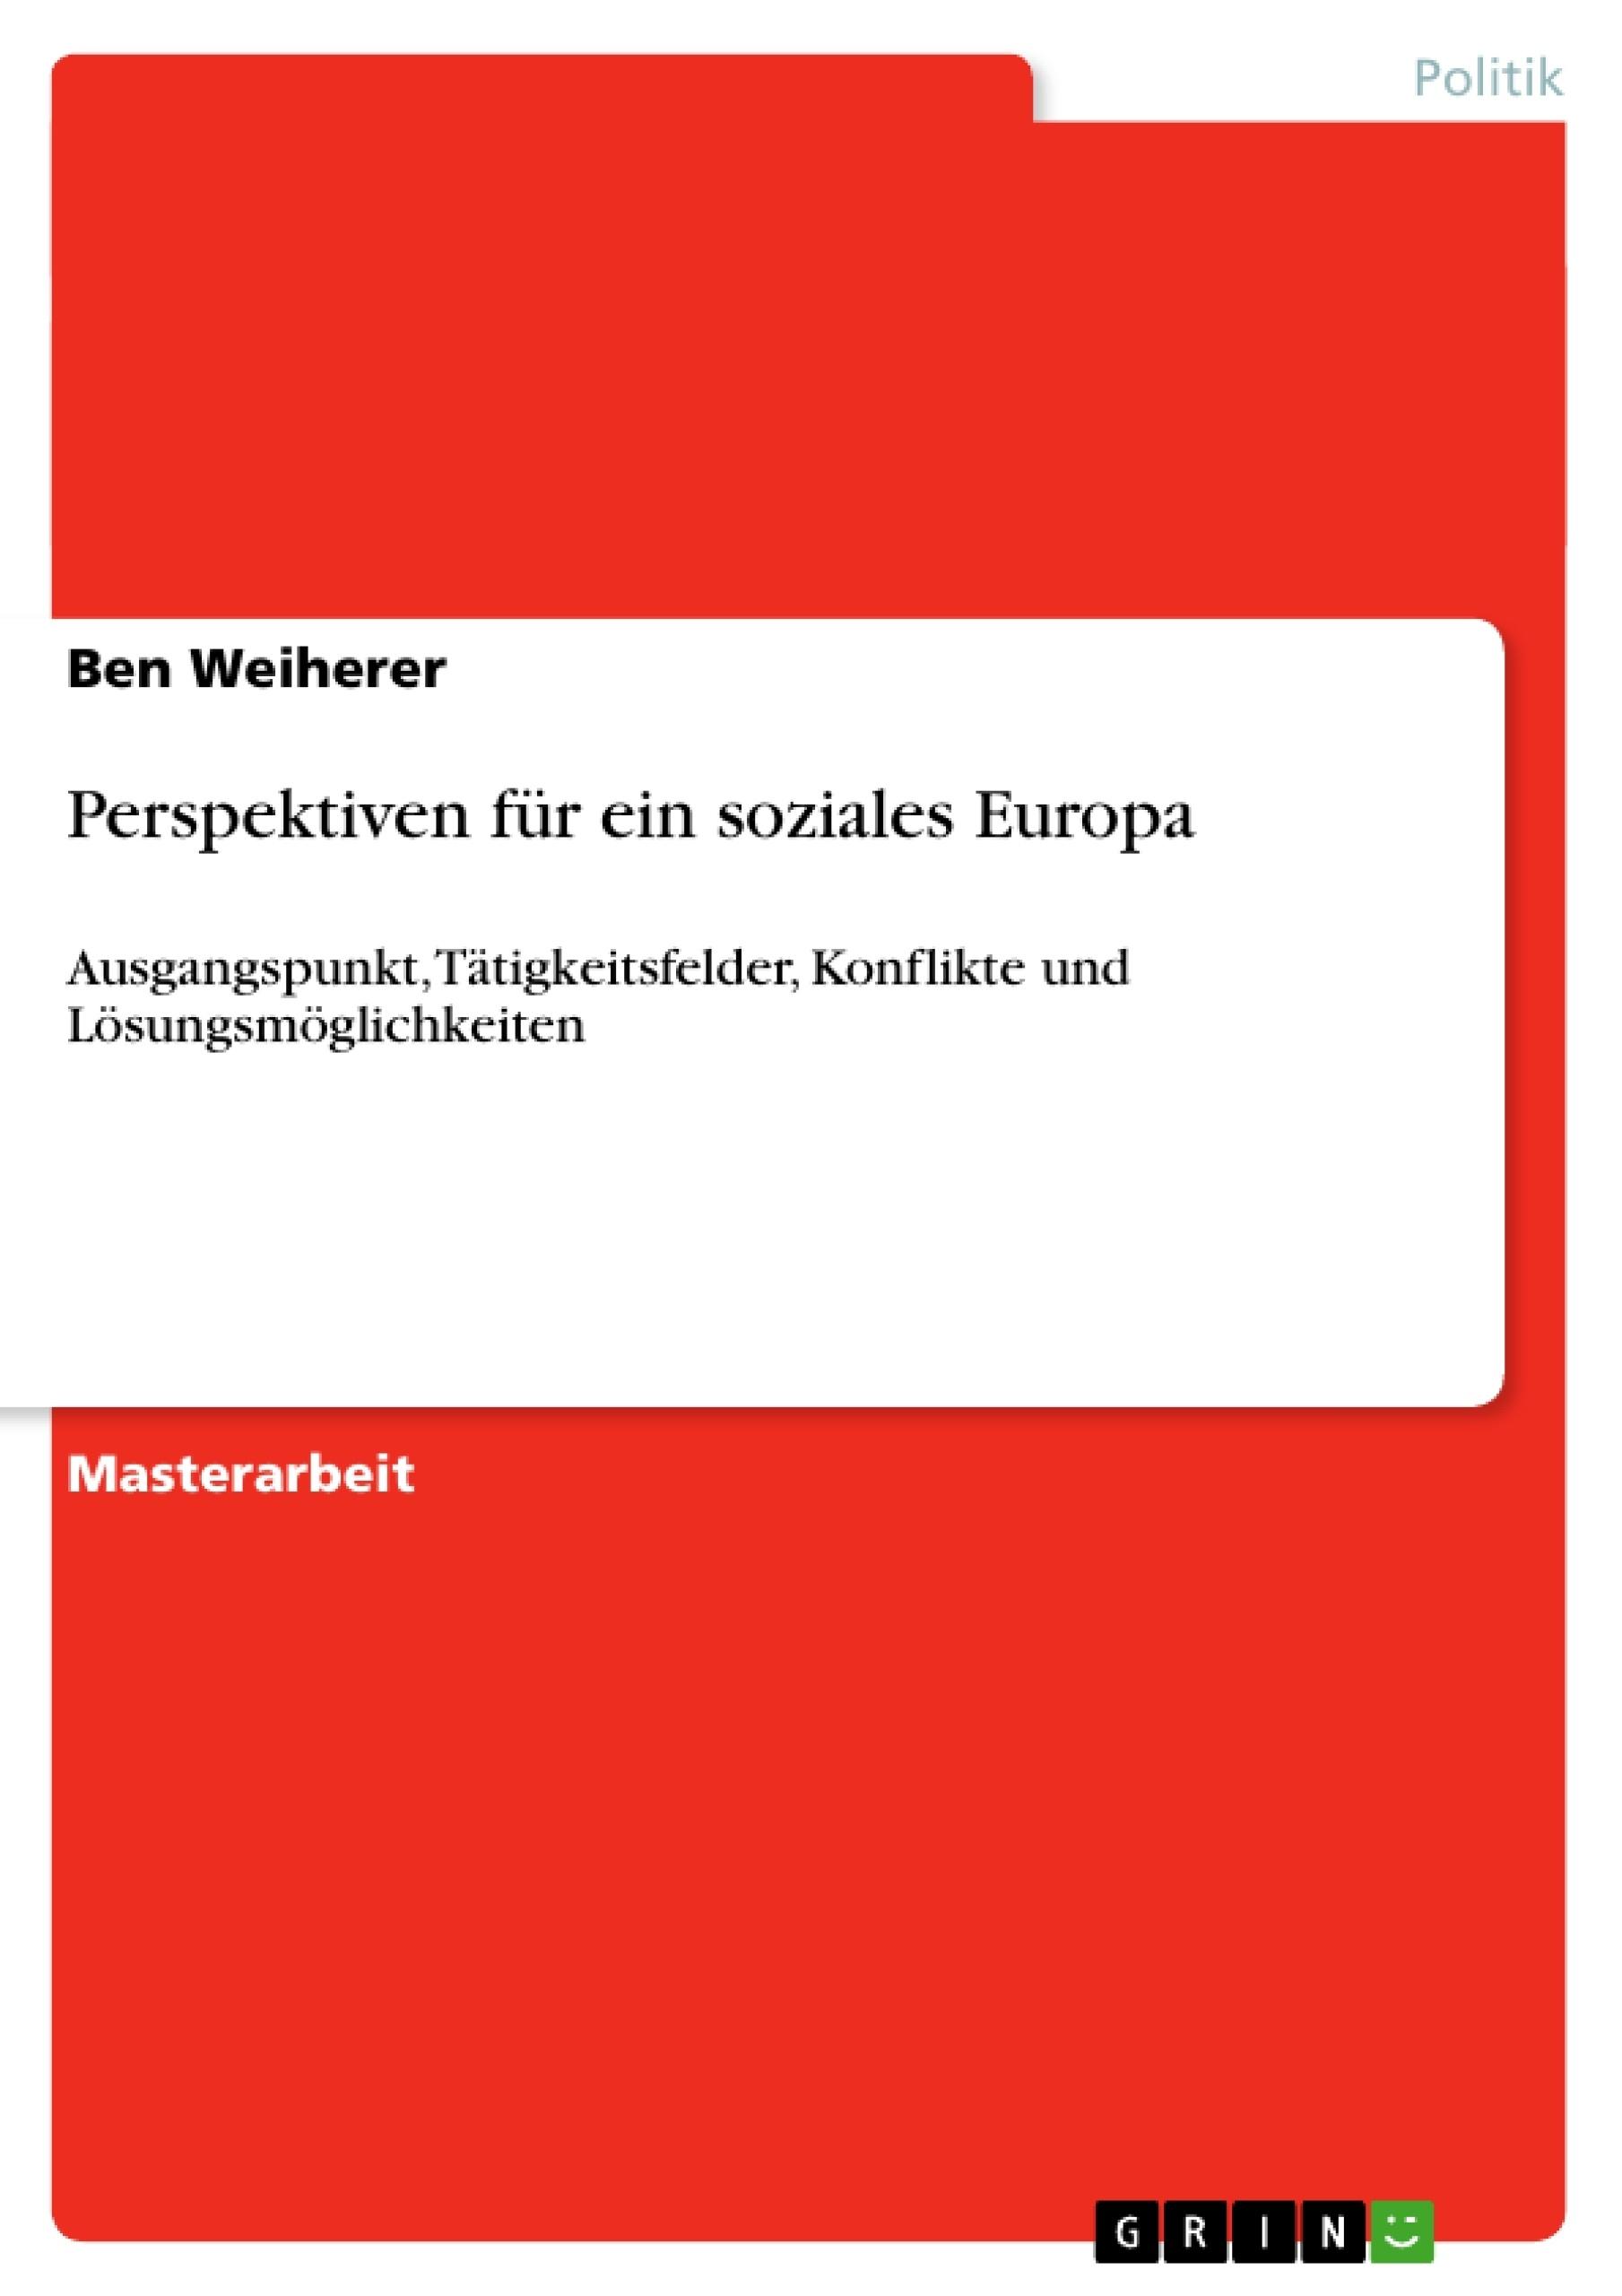 Titel: Perspektiven für ein soziales Europa